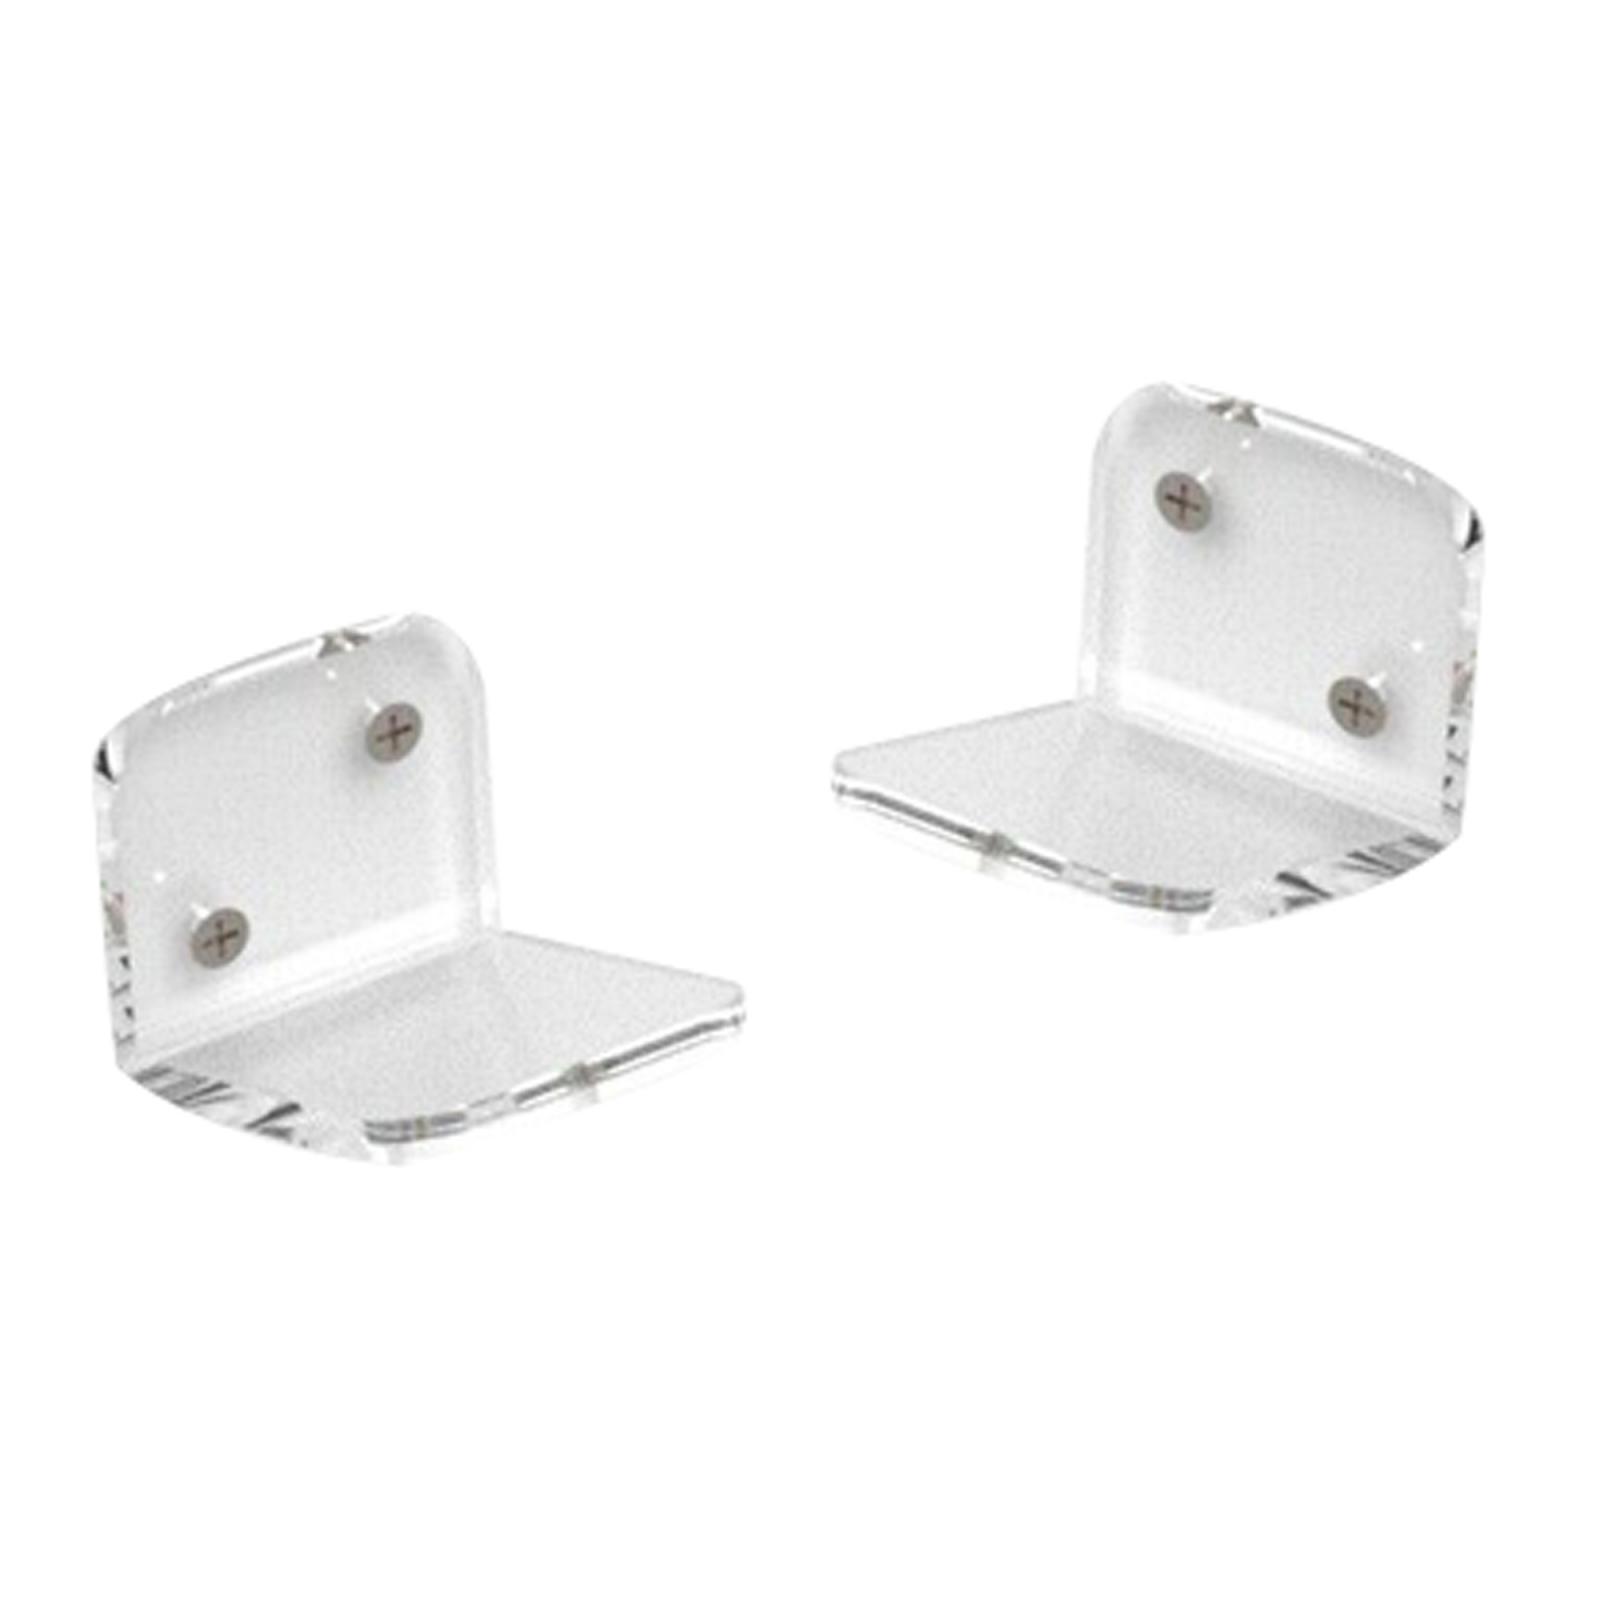 Espositore-appendiabiti-per-montaggio-a-parete-per-Skateboard-in-acrilico miniatura 9